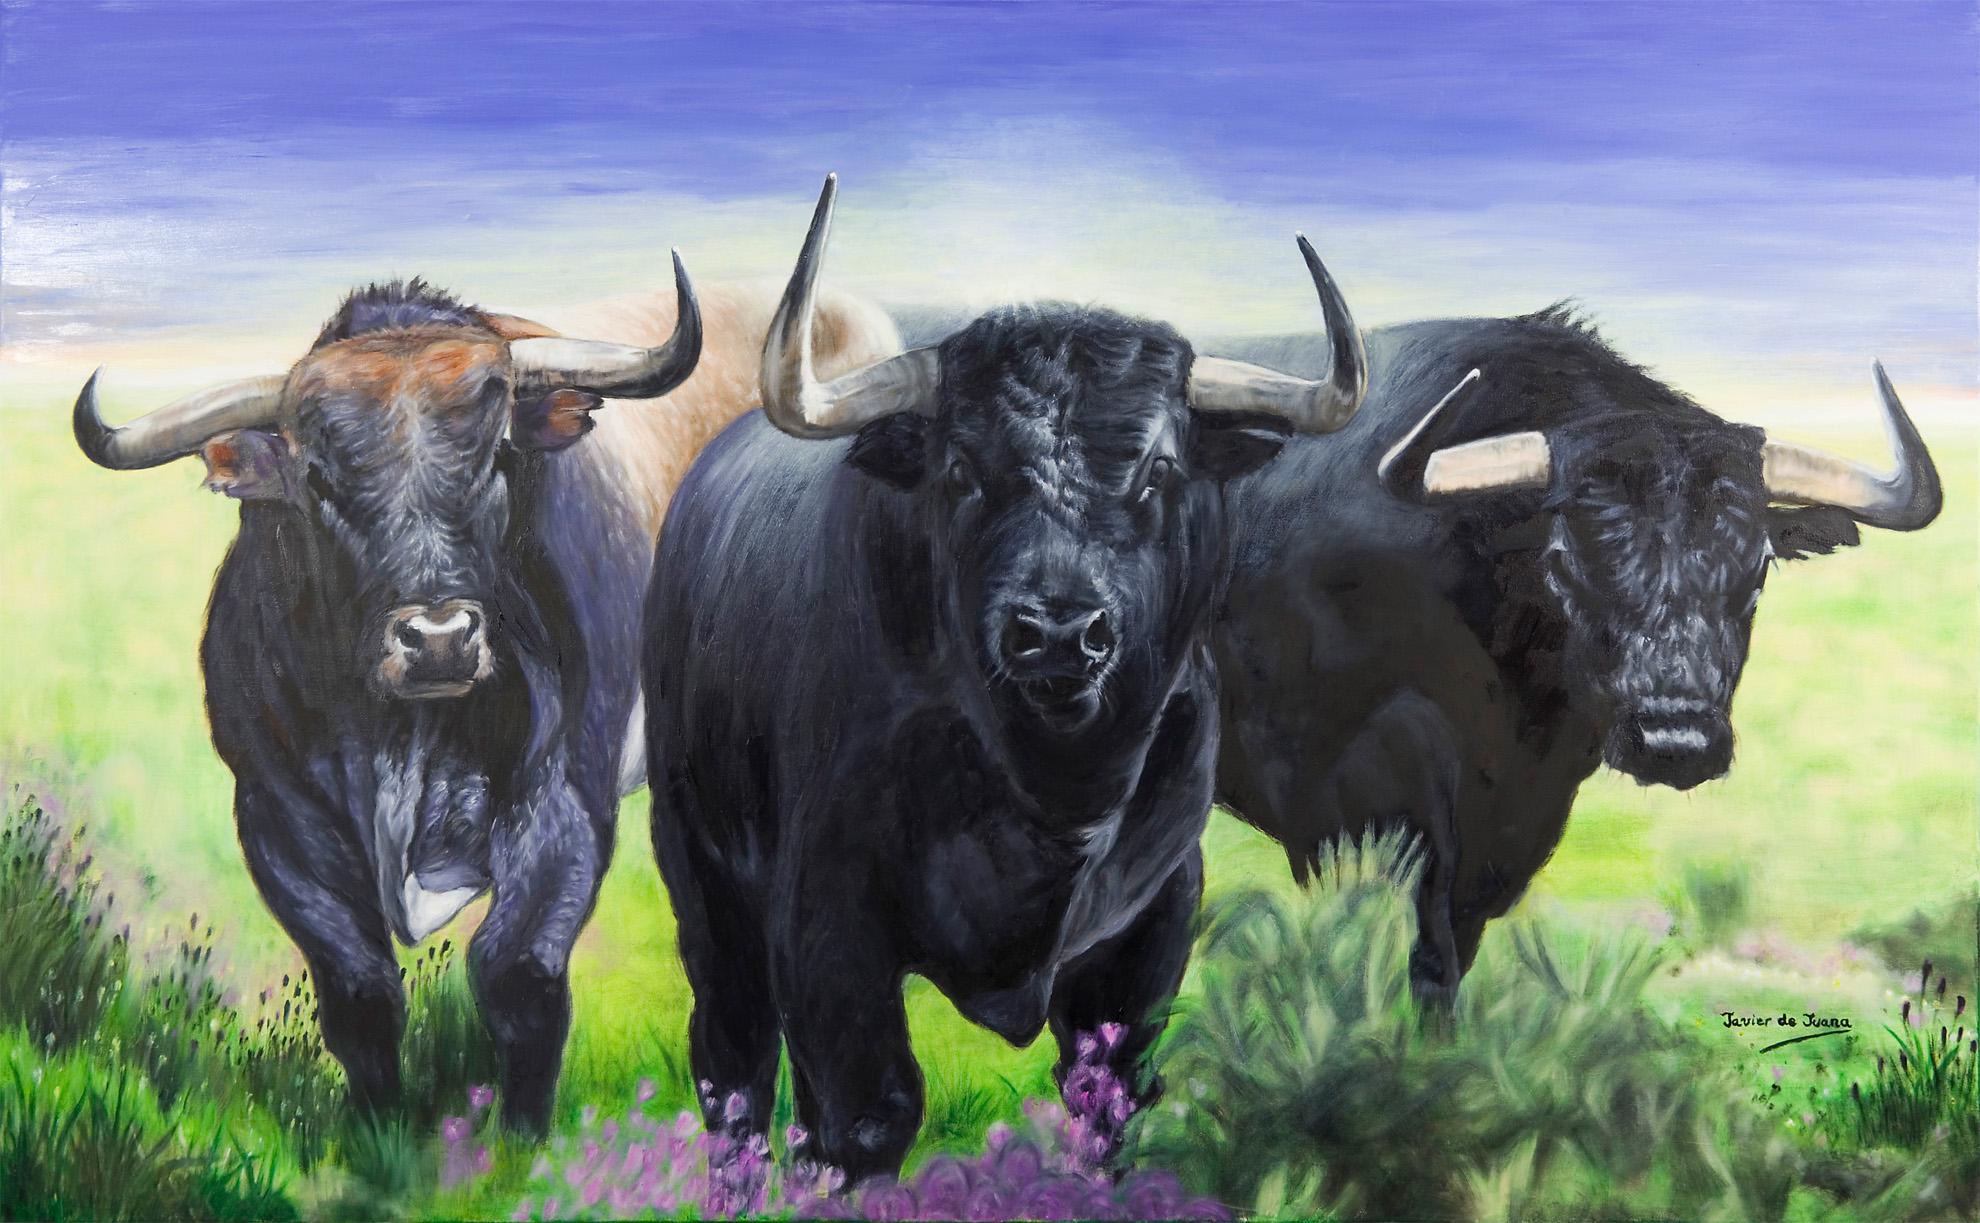 Cuadro de Toros - Pintura de Javier de Juana